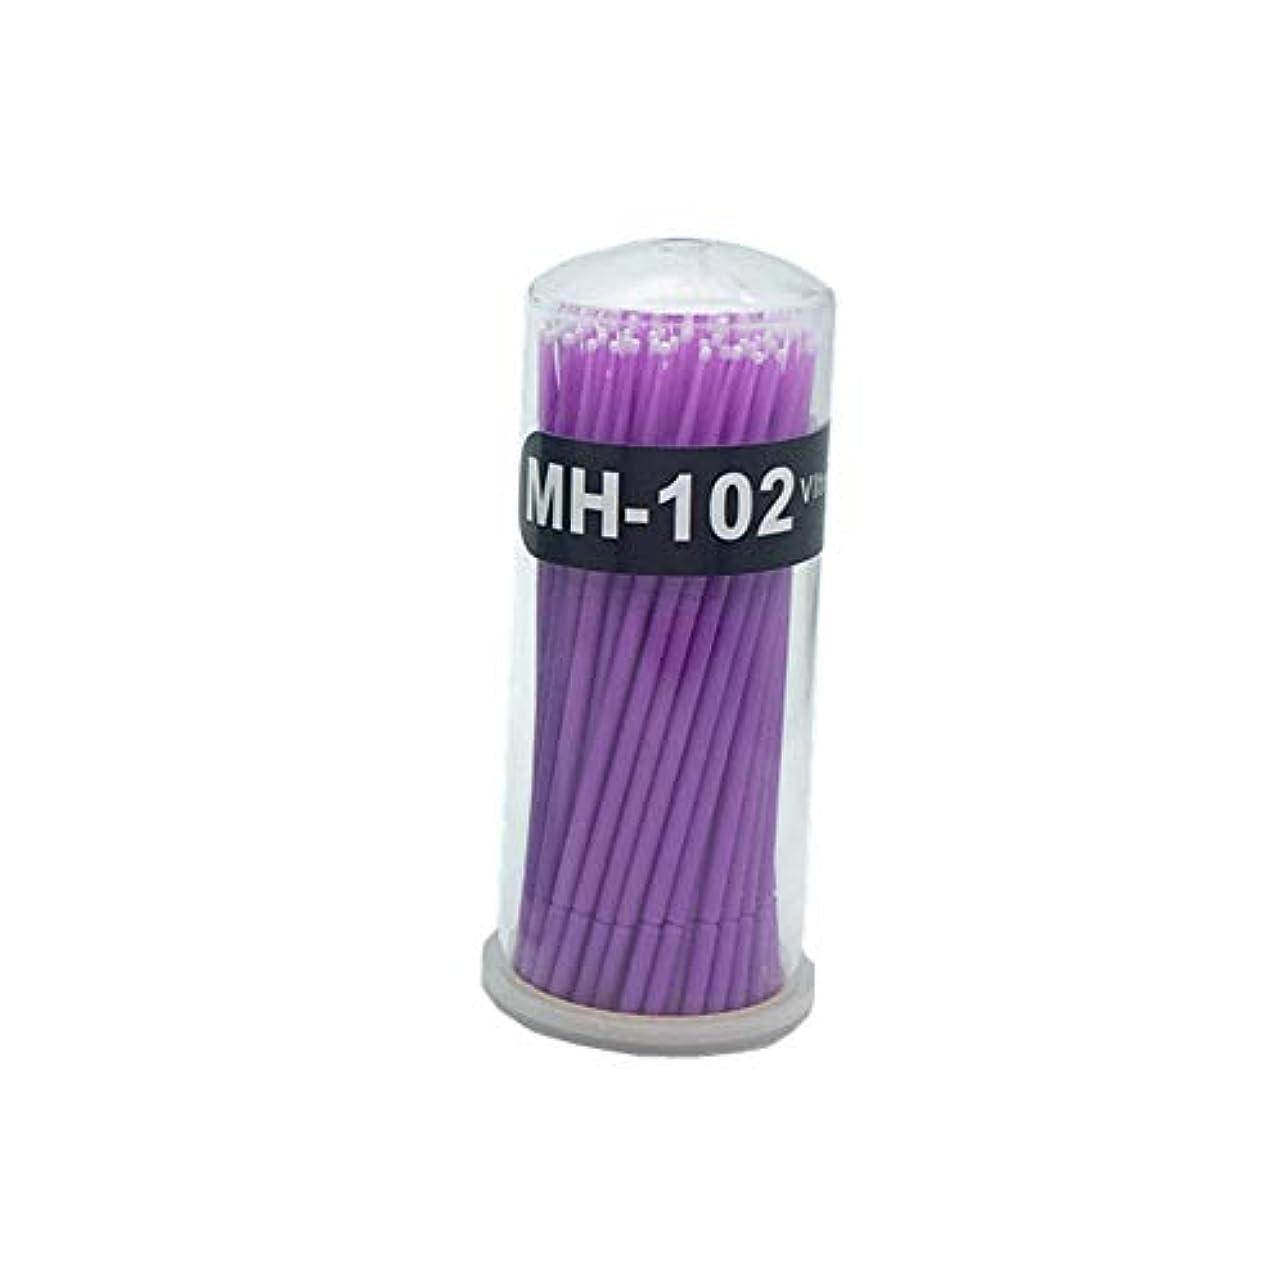 ベックスアクロバット誠実ランダムカラーメイクアップ化粧品アプリケーターブラシ100マイクロマイクロ使い捨てブラシの曲げ可能なスワブアプリケータ